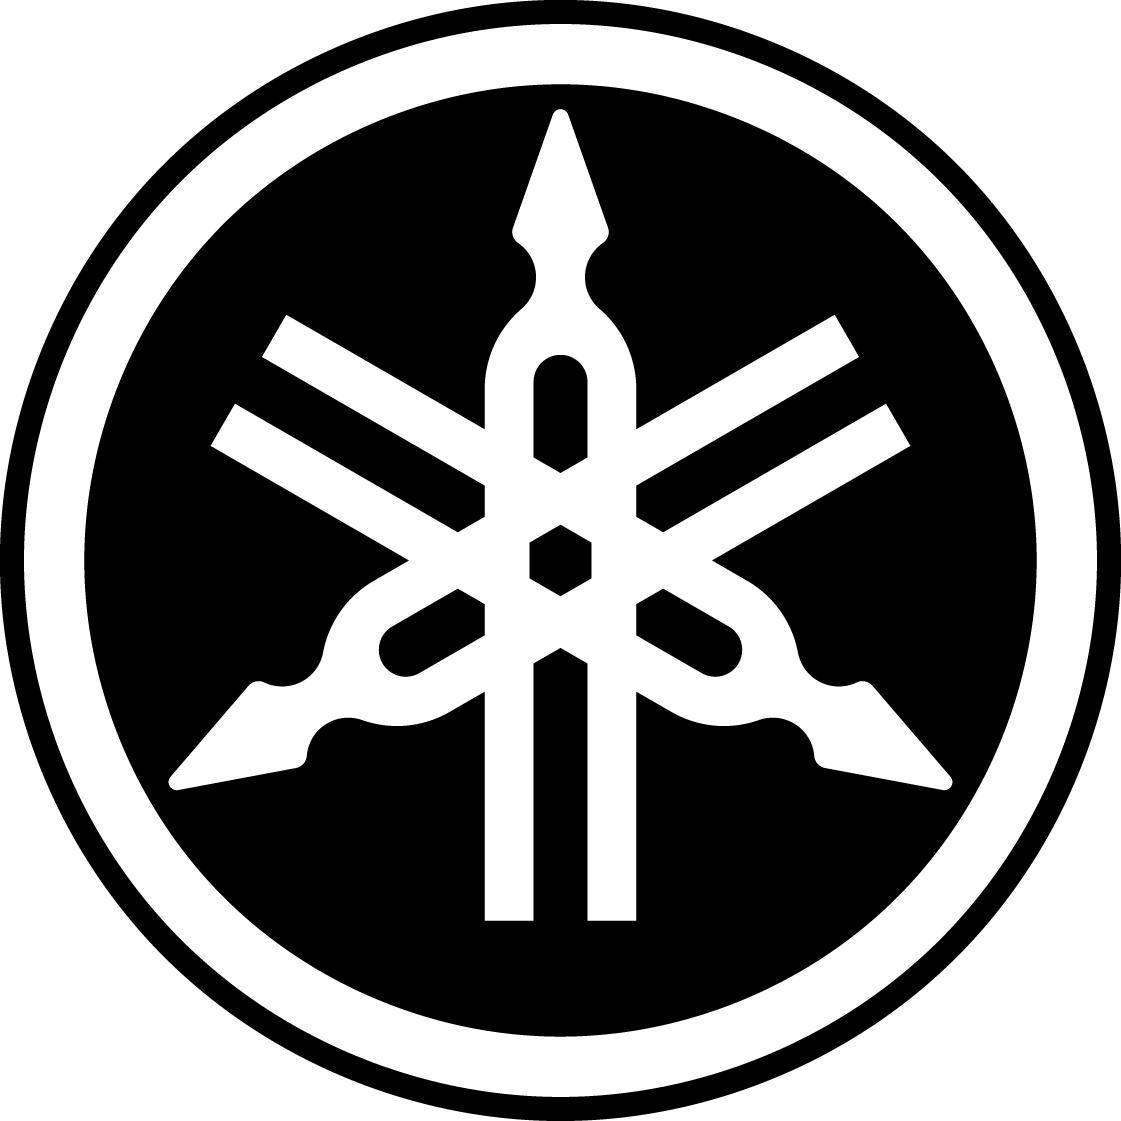 Yamaha Factory Racing Logo Png